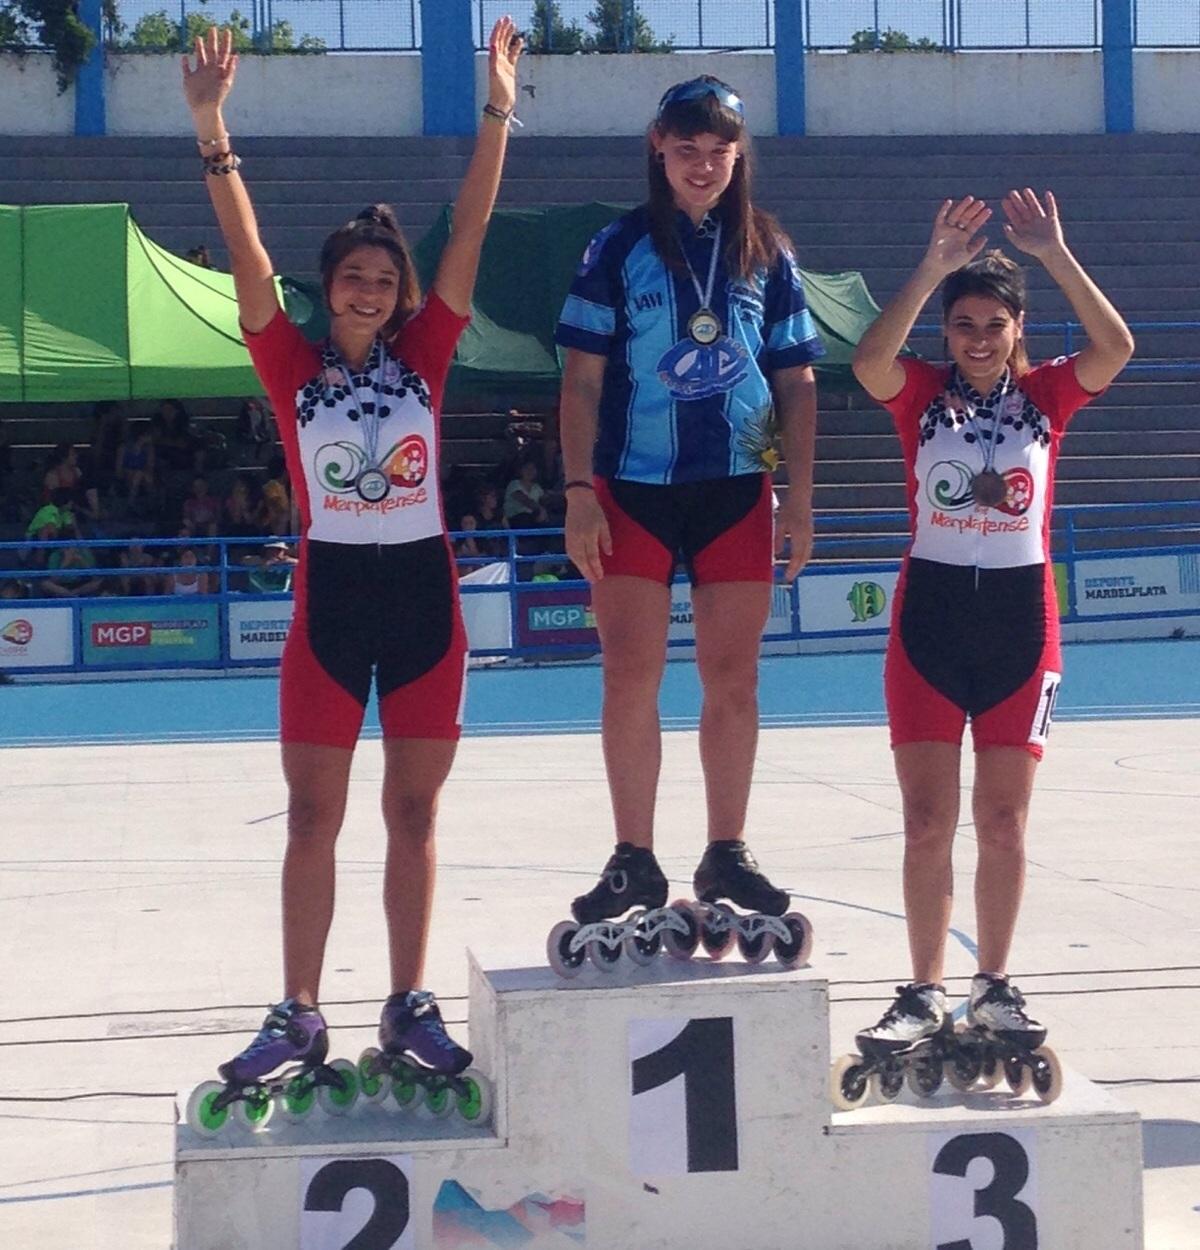 Brisa Bianchetin, Camila Gaete y María Paz Elorriaga en un podio totalmente marplatense.